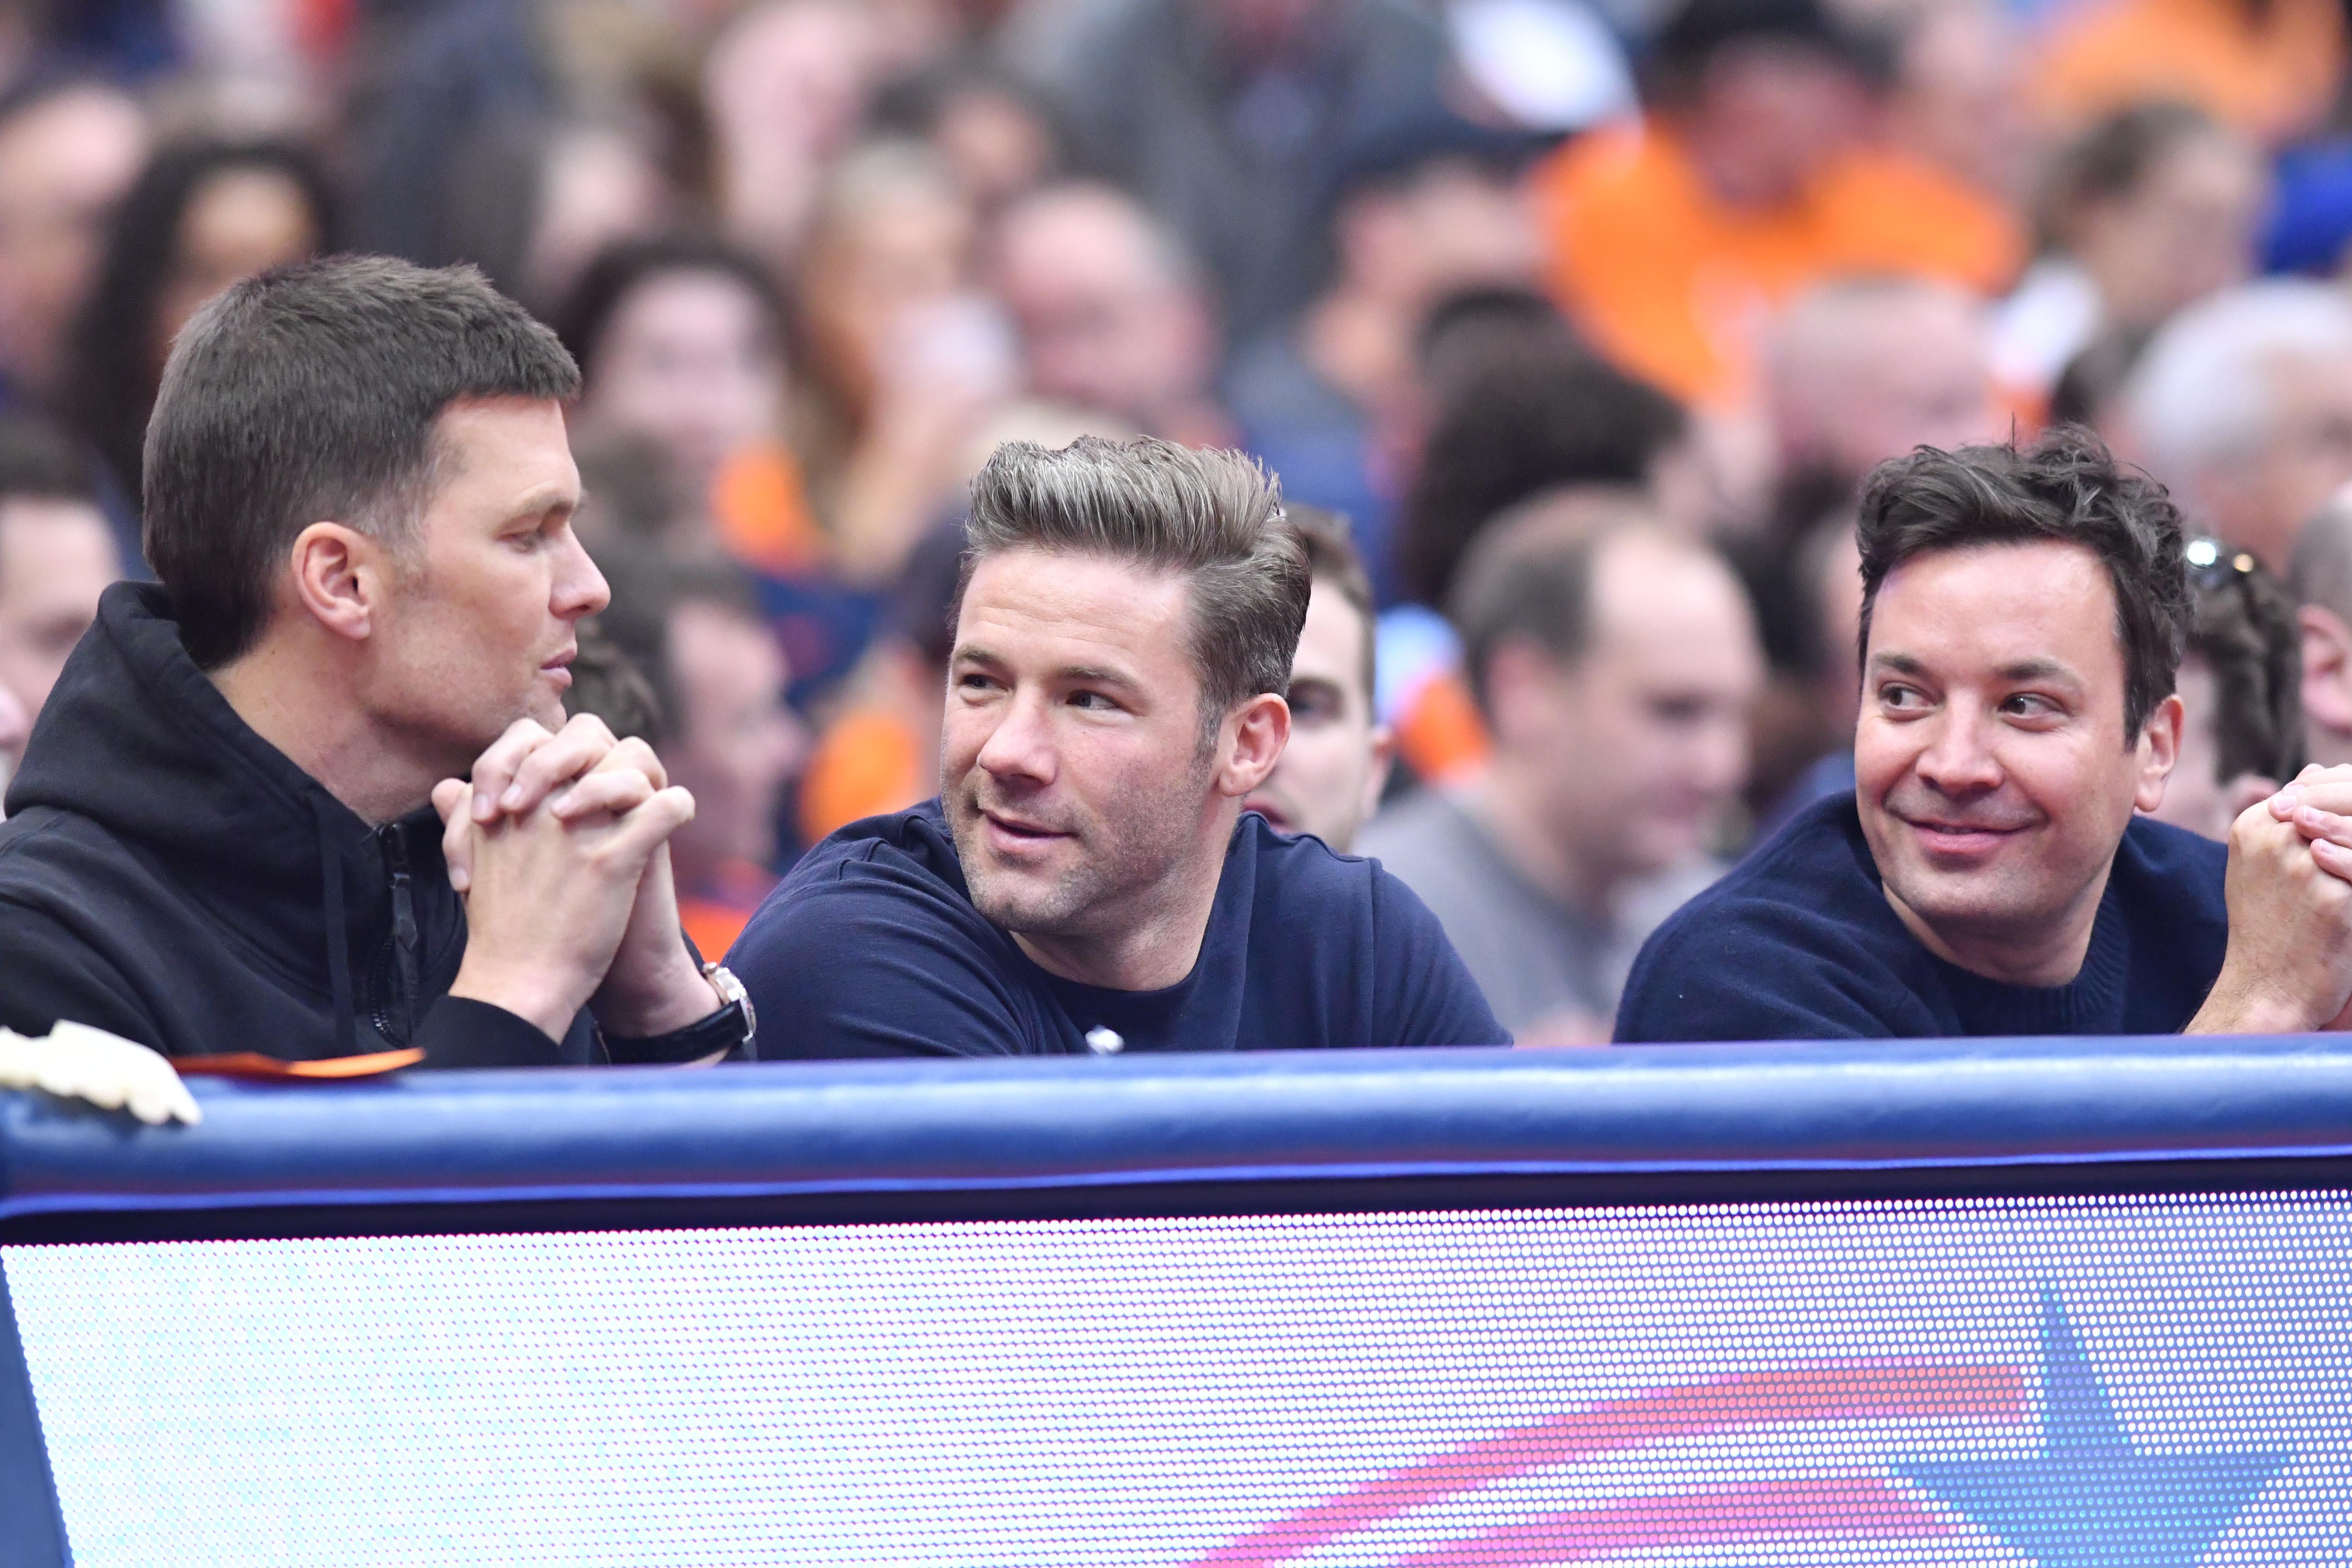 Tom Brady shoots down talk of rift with Josh McDaniels